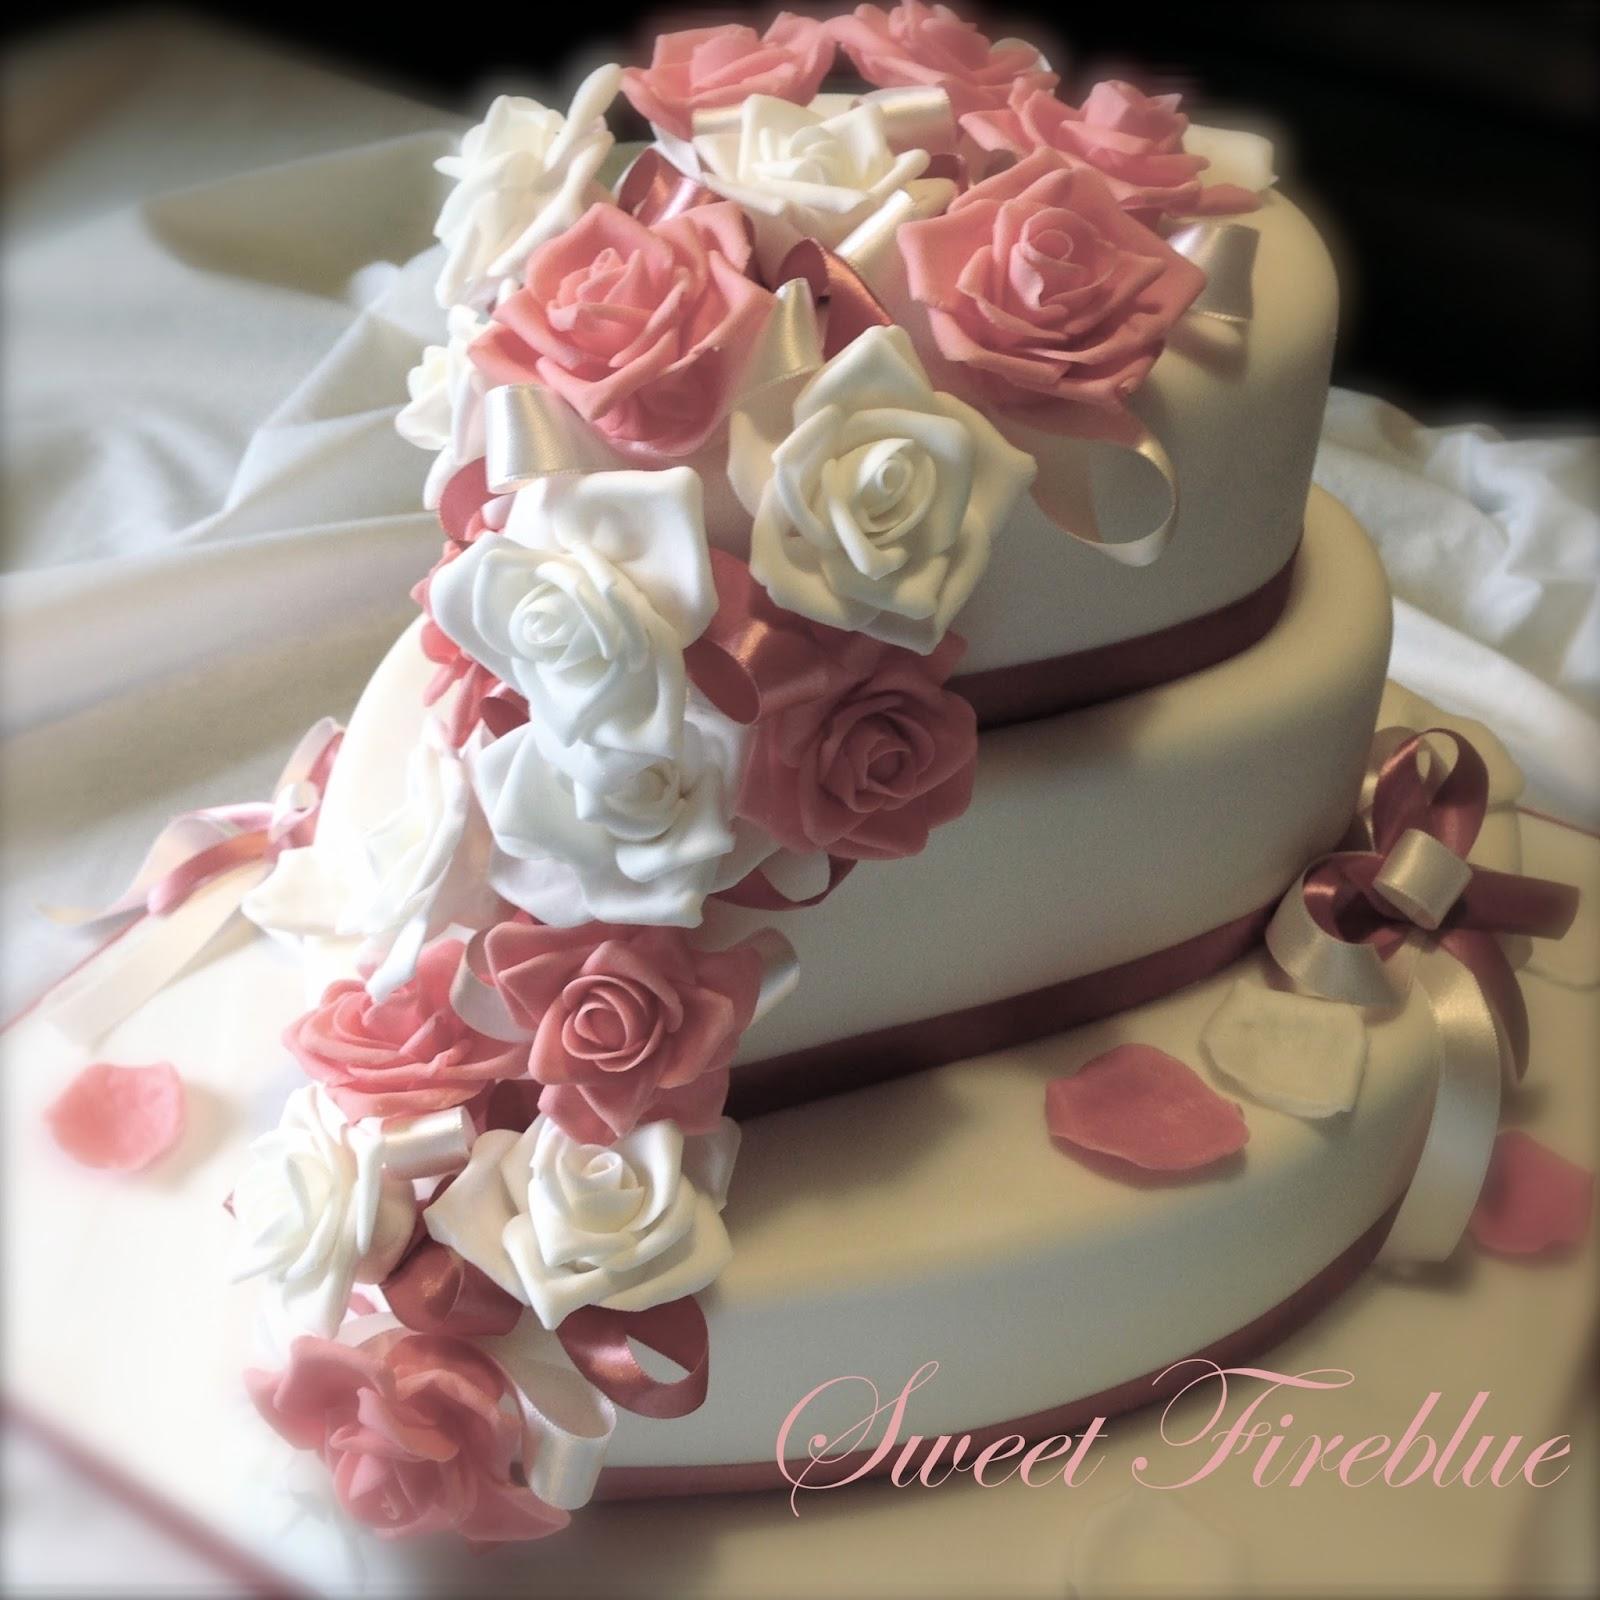 Matrimonio In Rosa : Sweet fireblue torta cuore e rose un matrimonio in rosa